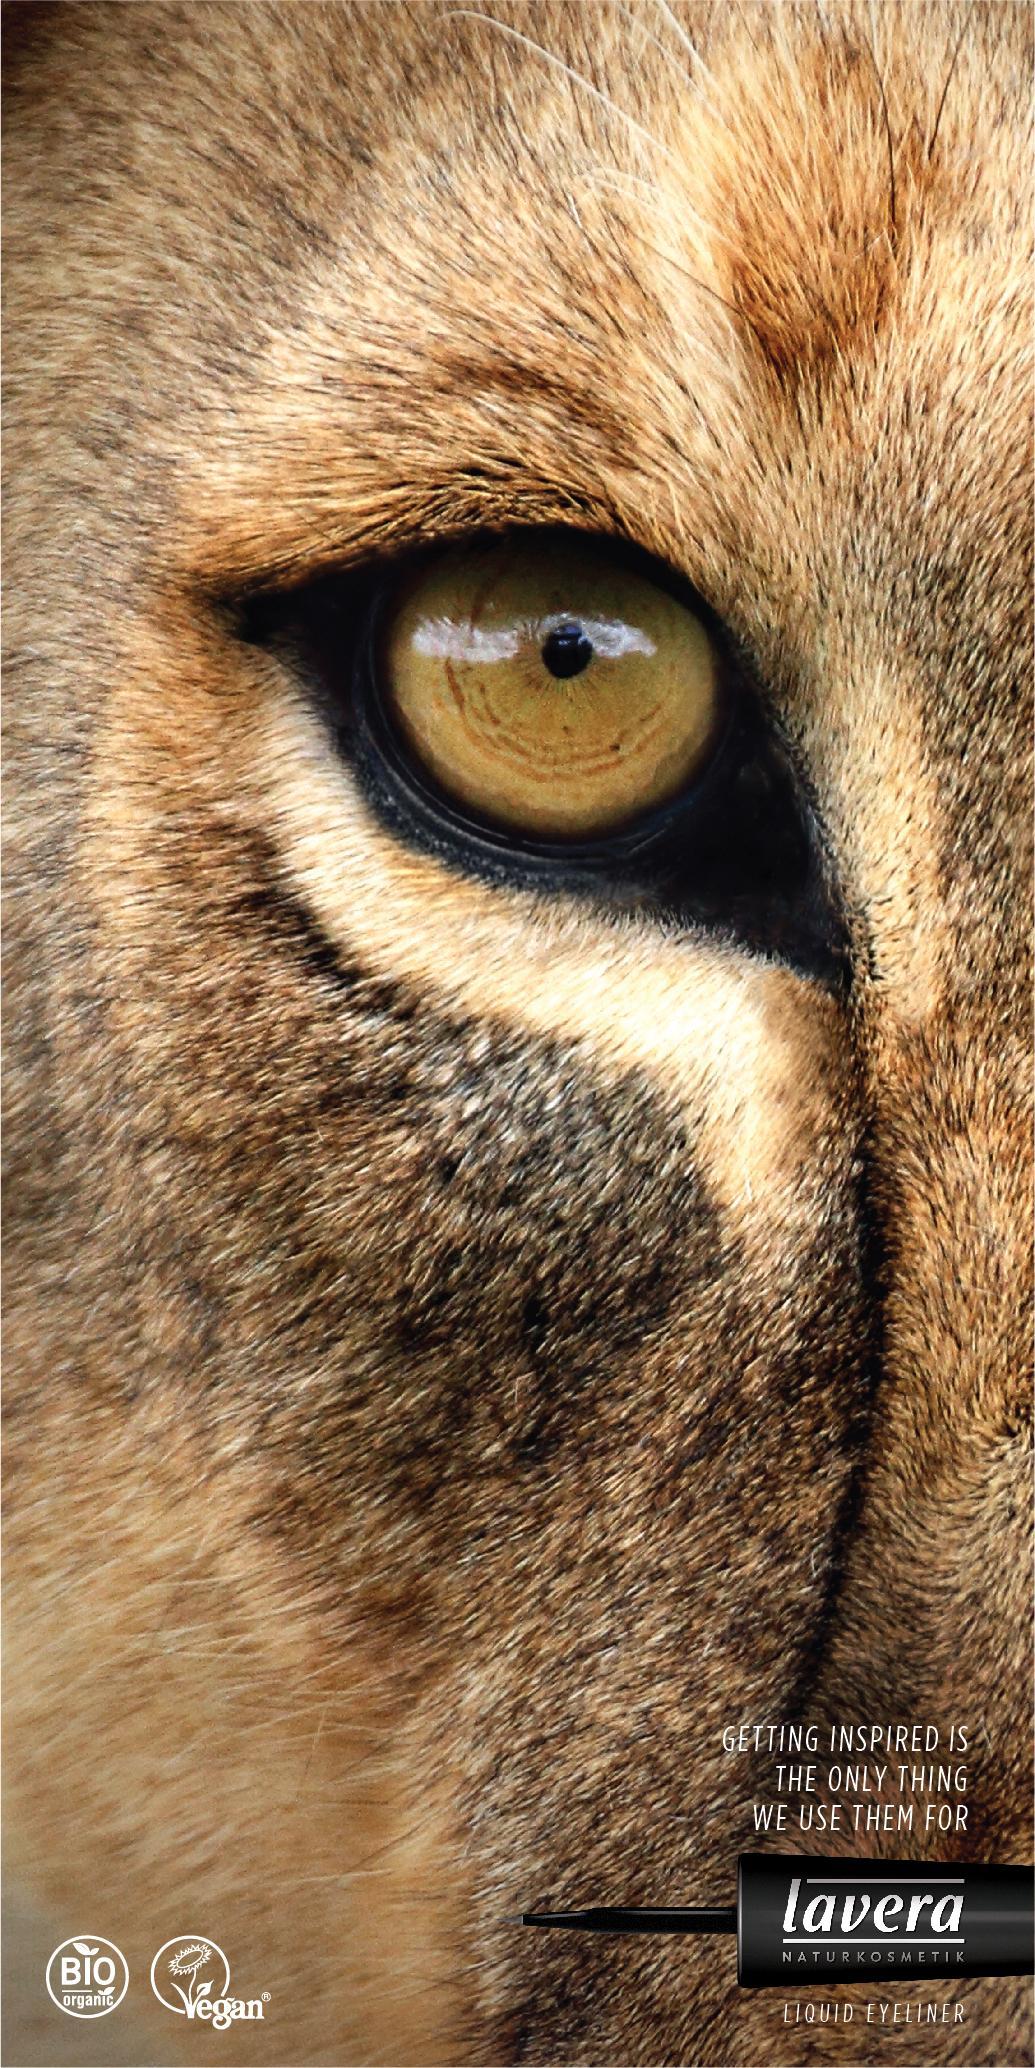 获得灵感是我们使用它们的唯一目的:Lavera眼线笔广告